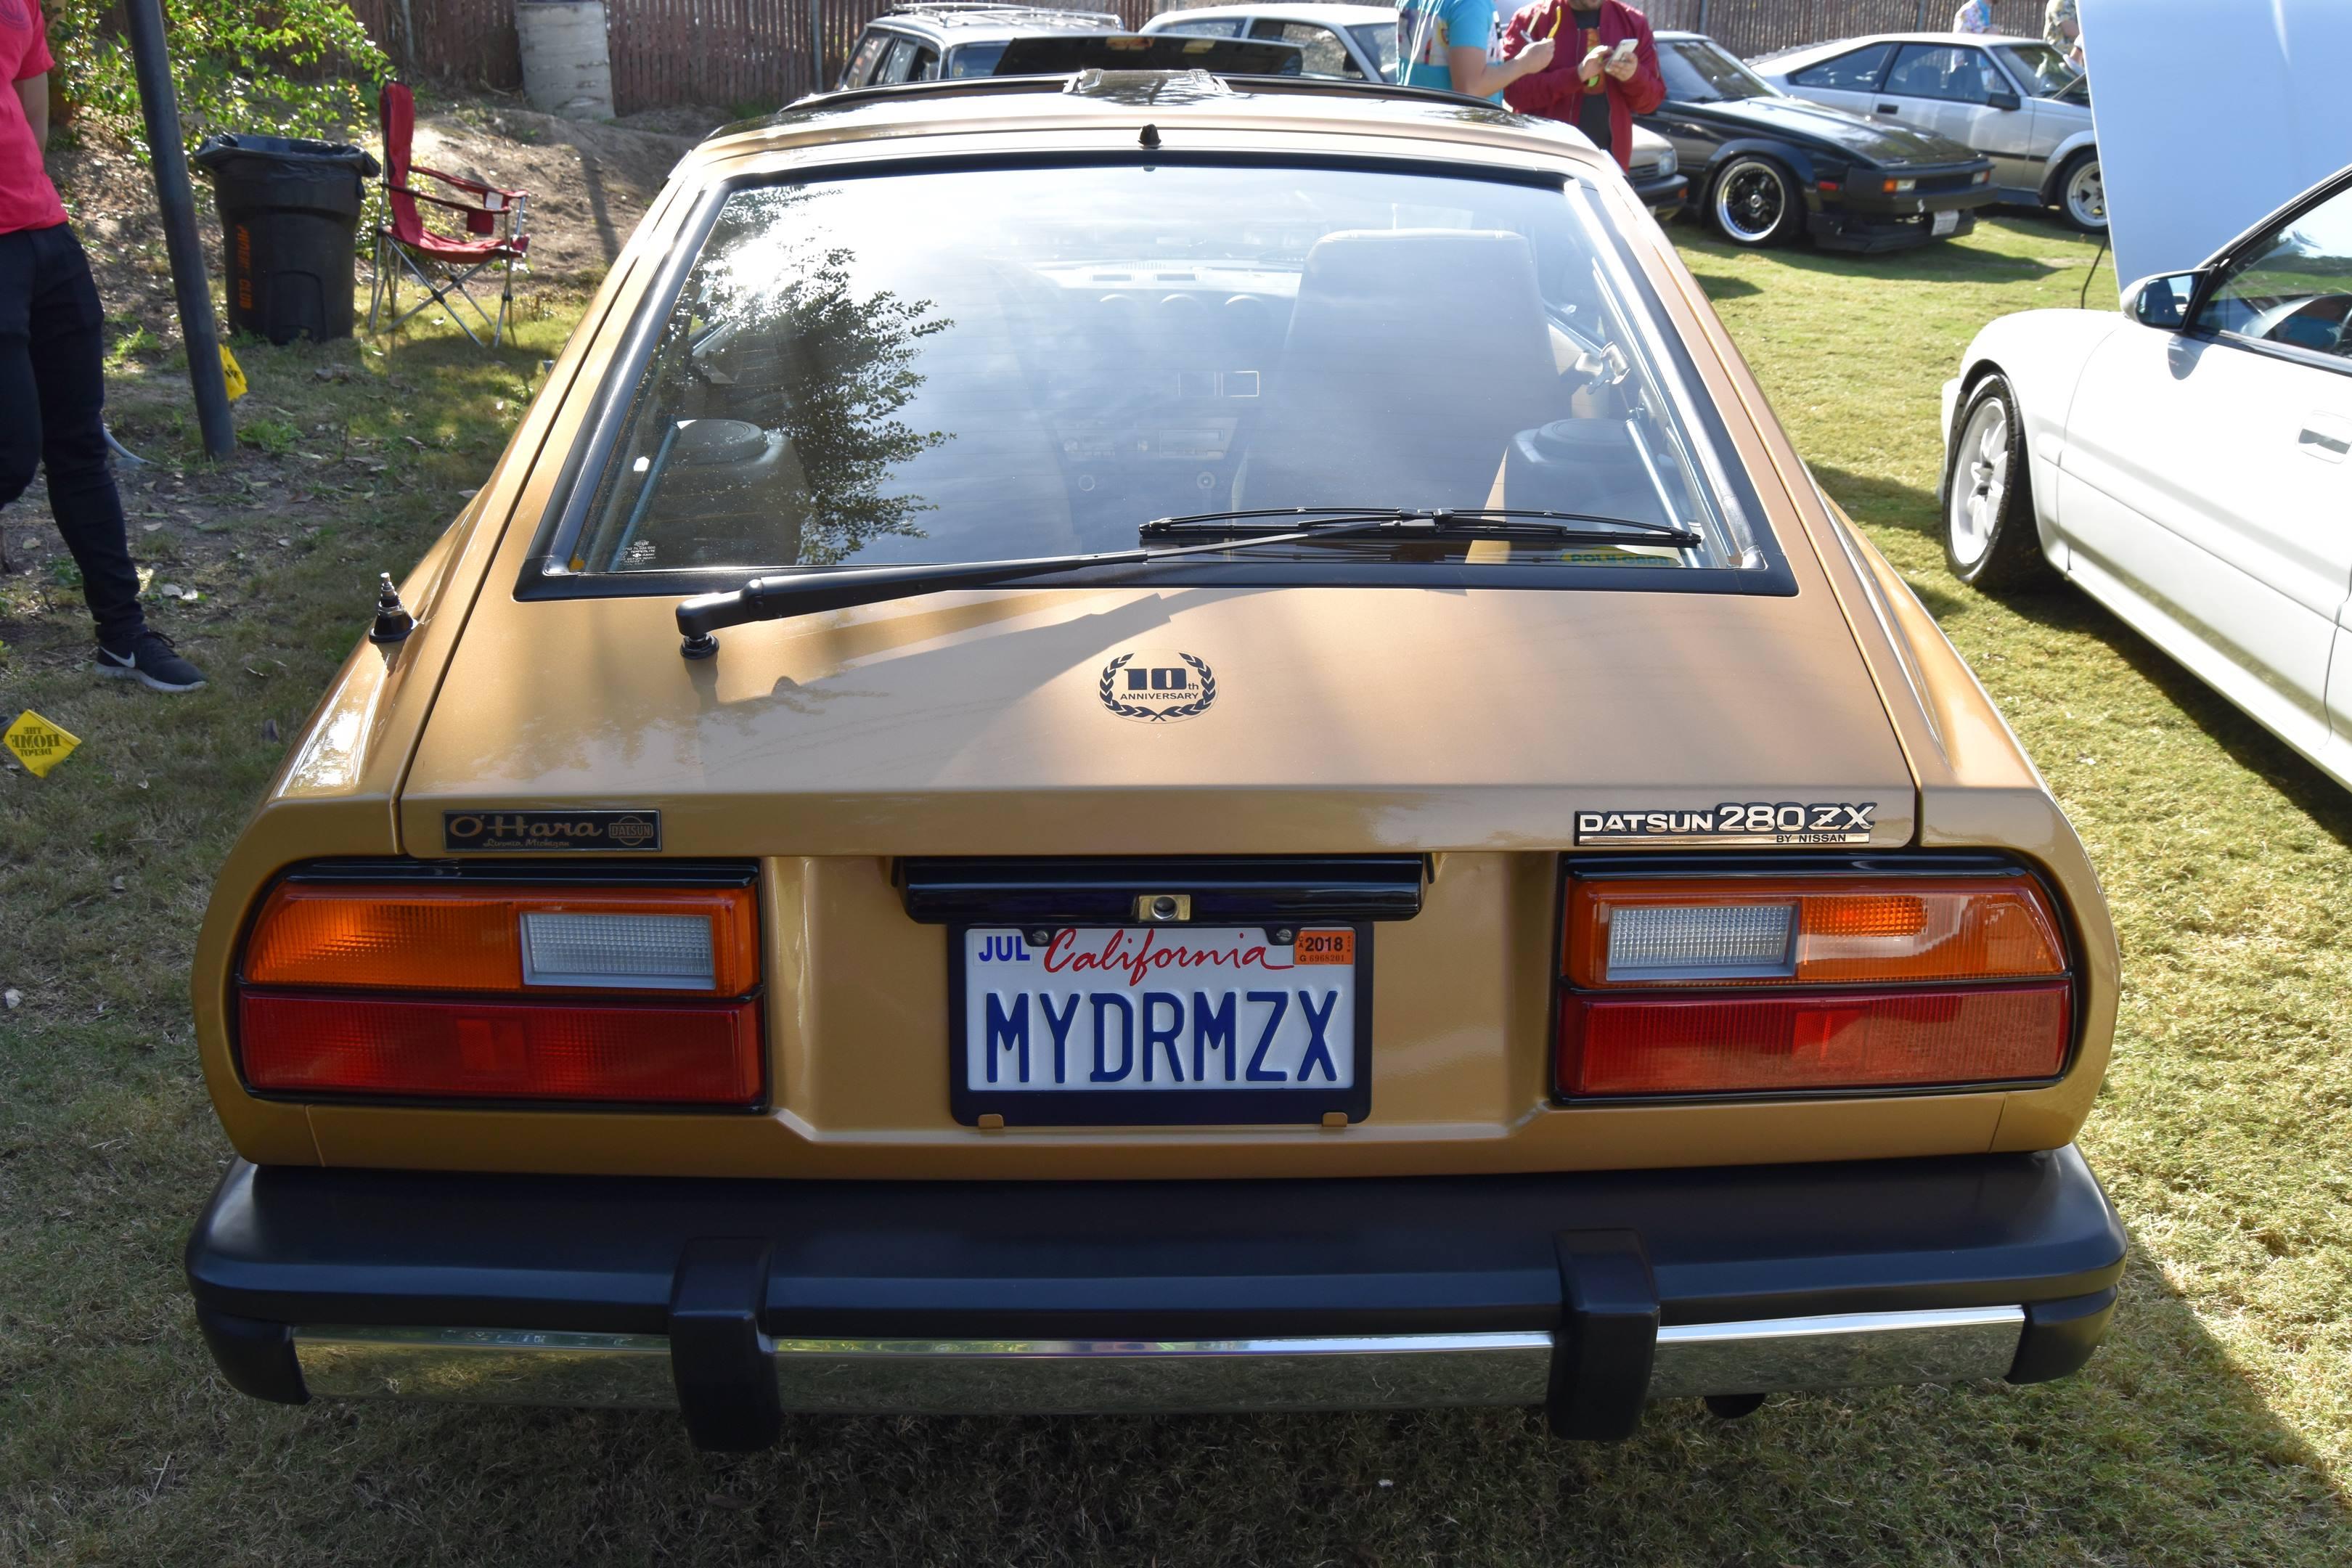 1980 Datsun 280ZX 10th Anniversary Edition rear